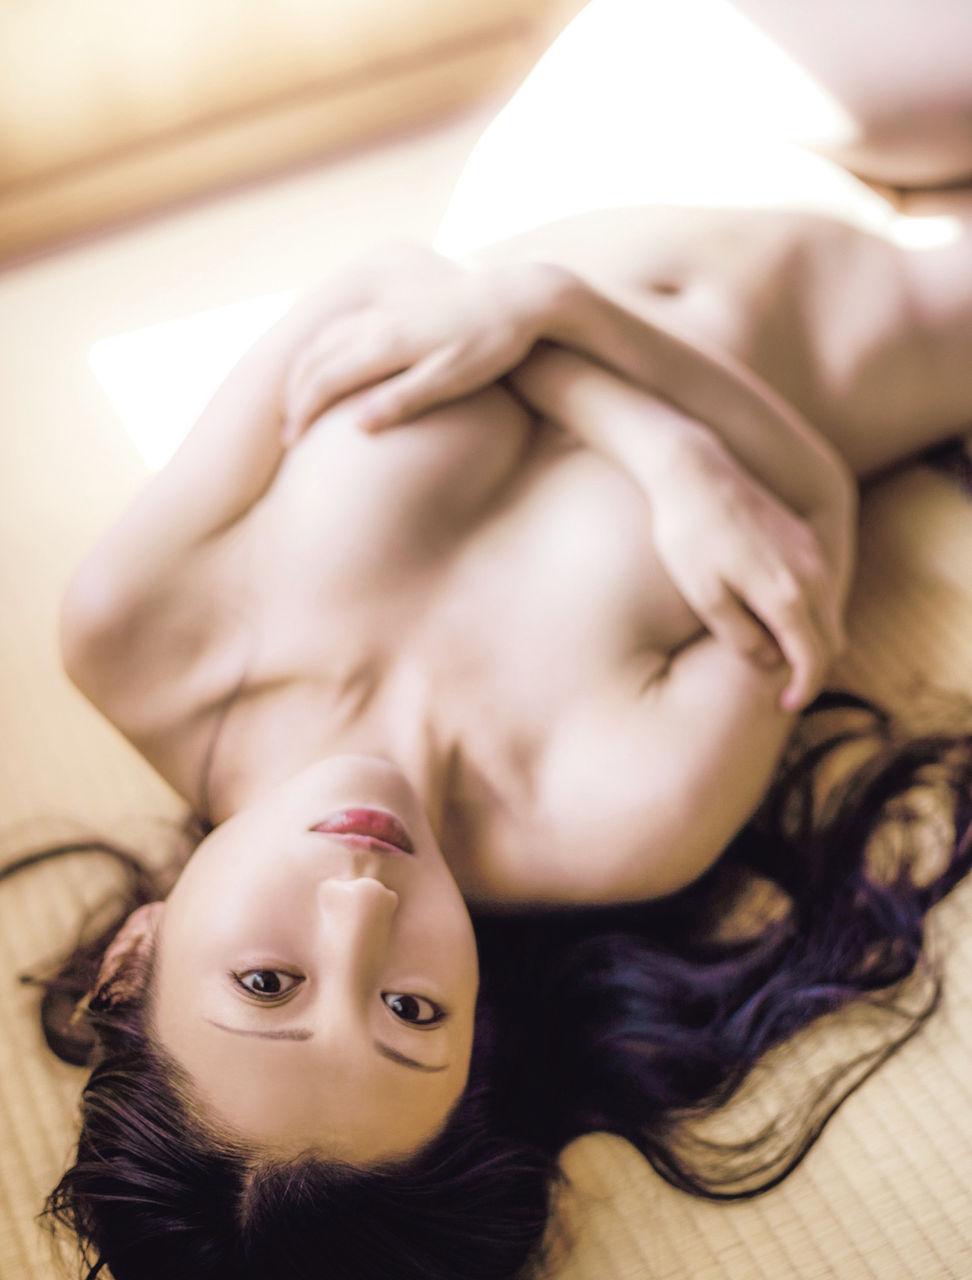 壇蜜(37)色気が半端ないヌードグラビアがクッソ抜けるww【エロ画像】